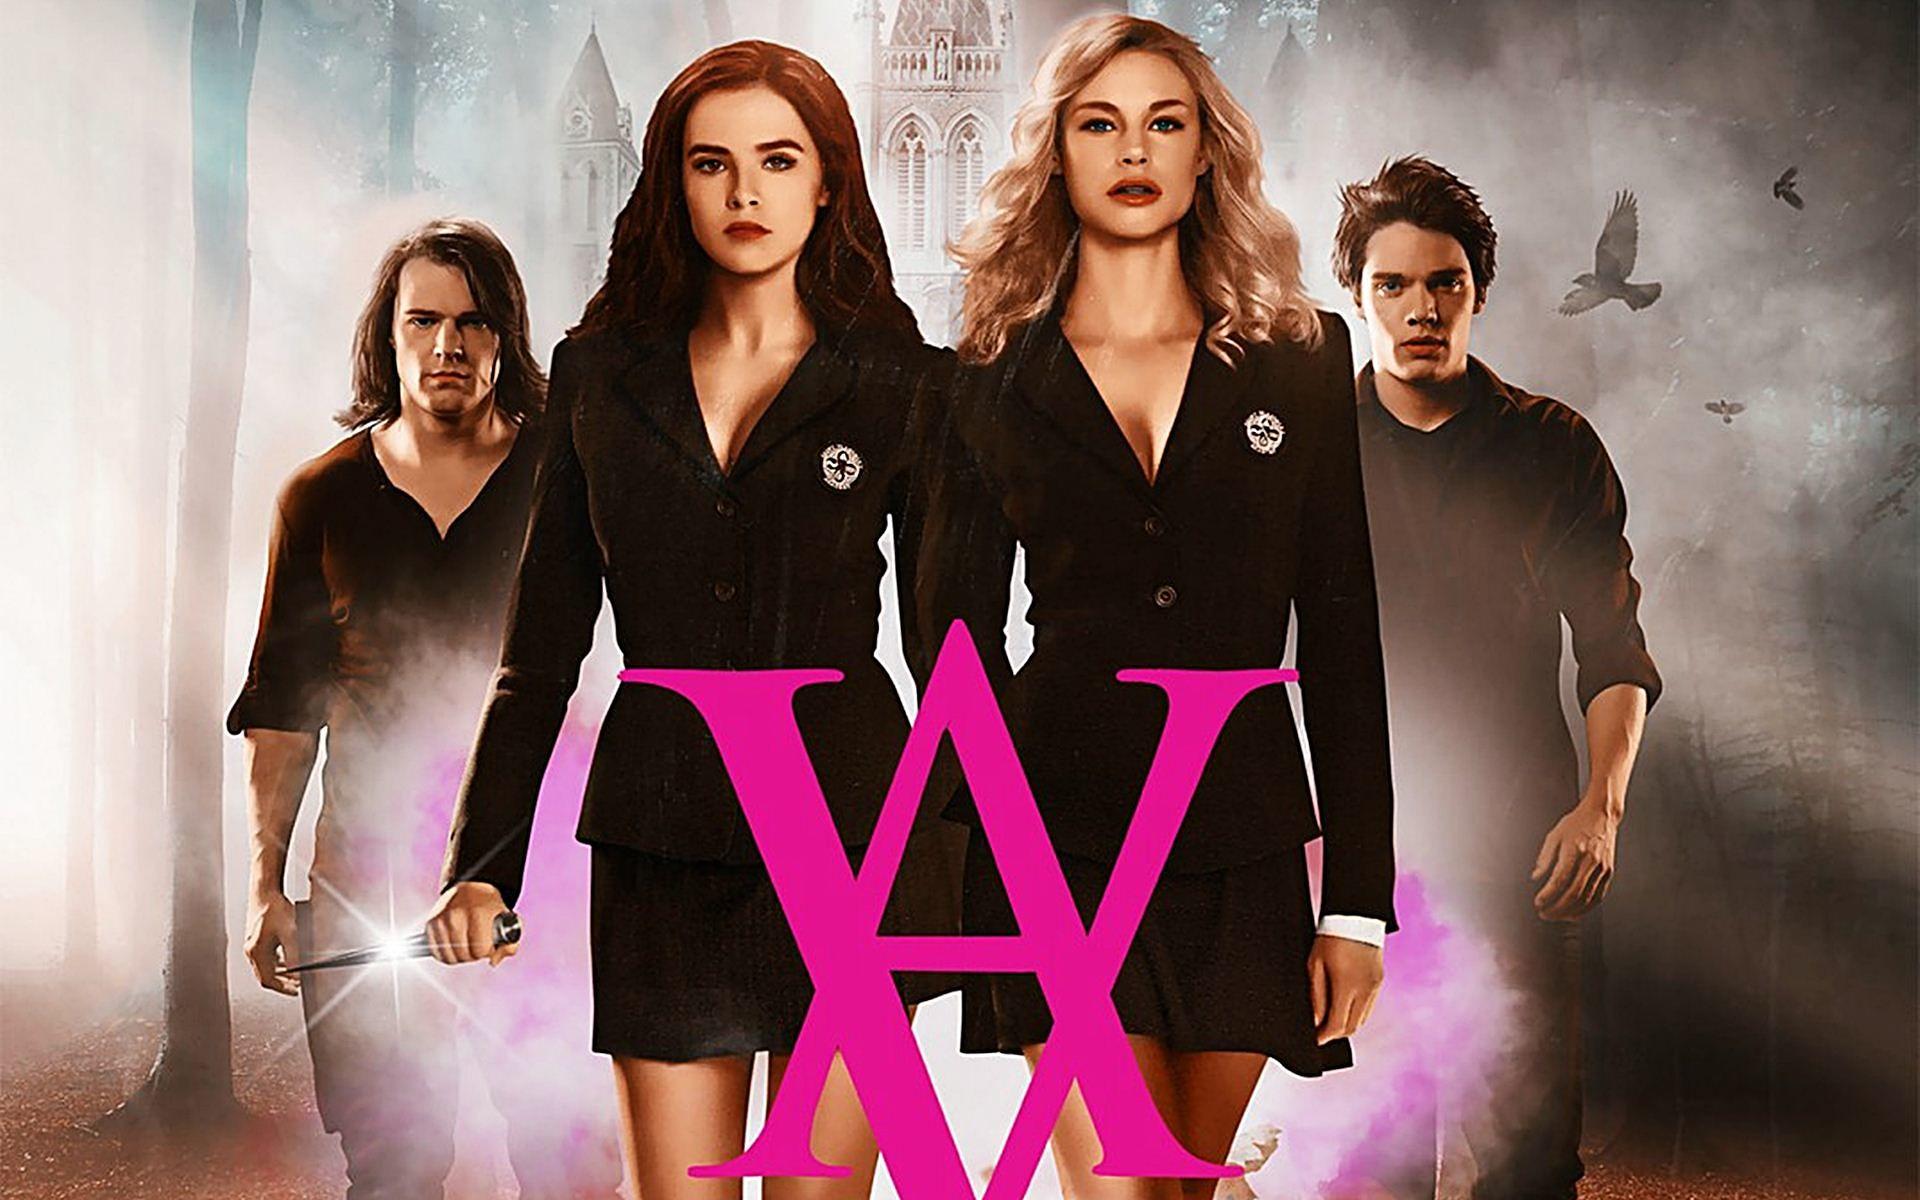 دانلود فیلم خون آشام آکادمی خونآشامها (فیلم) -Vampire Academy